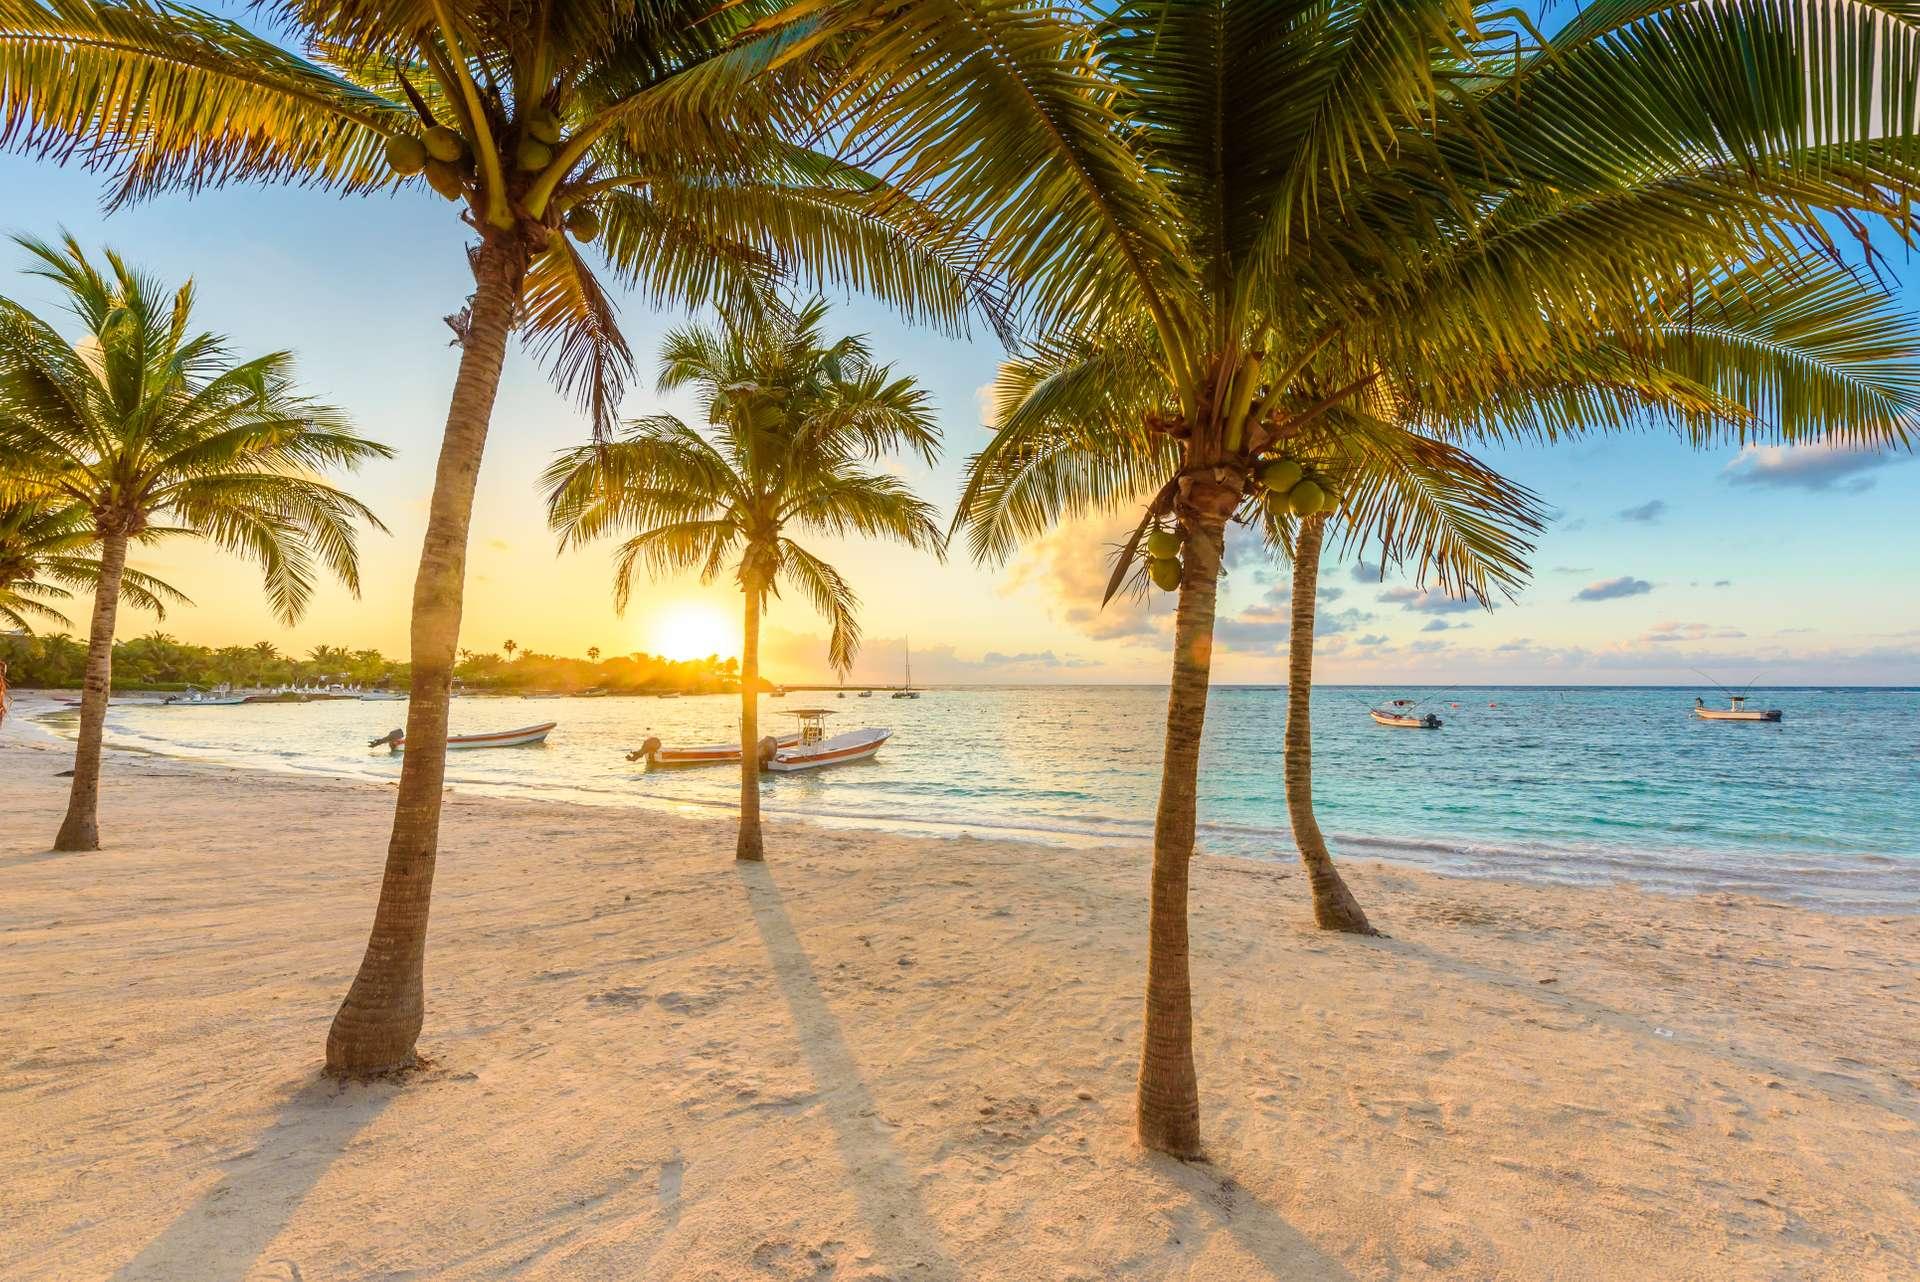 Vakantie Mexico Strand Yucatan